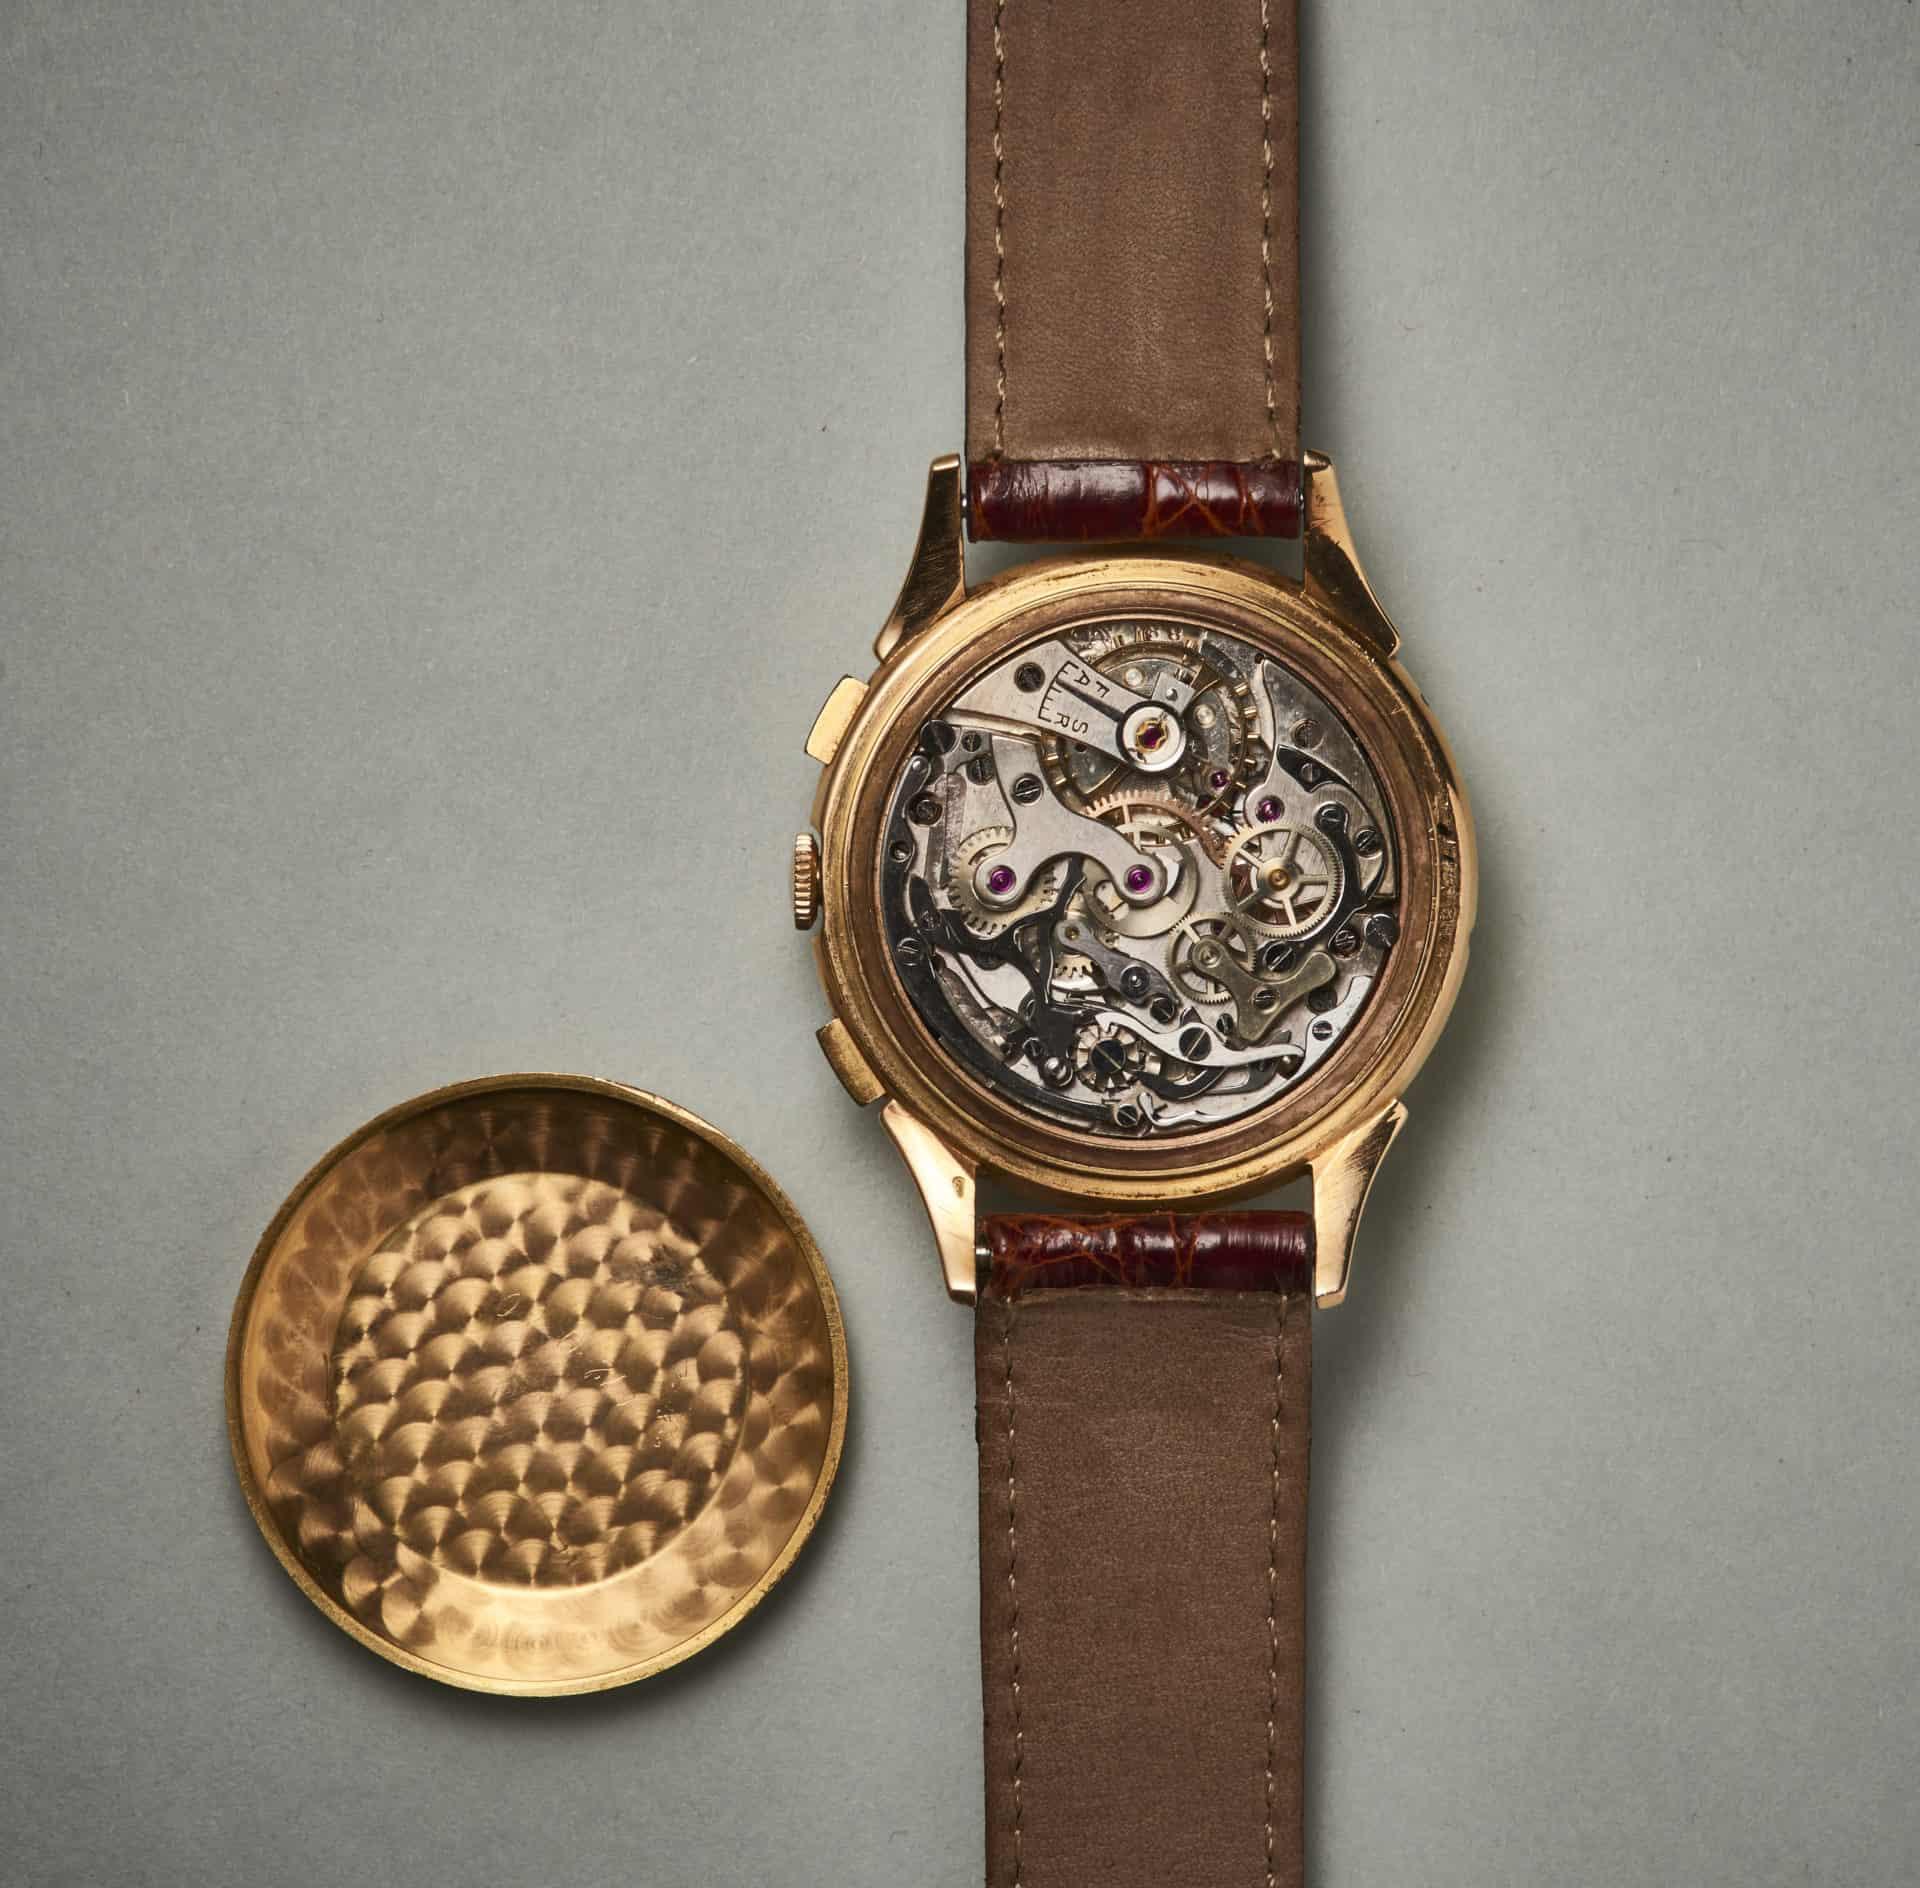 Die Chronographen-Kadratur ist sorgfältig feinbearbeitet. Alle Stahlteile besitzen anglierte Kanten und polierte Oberflächen